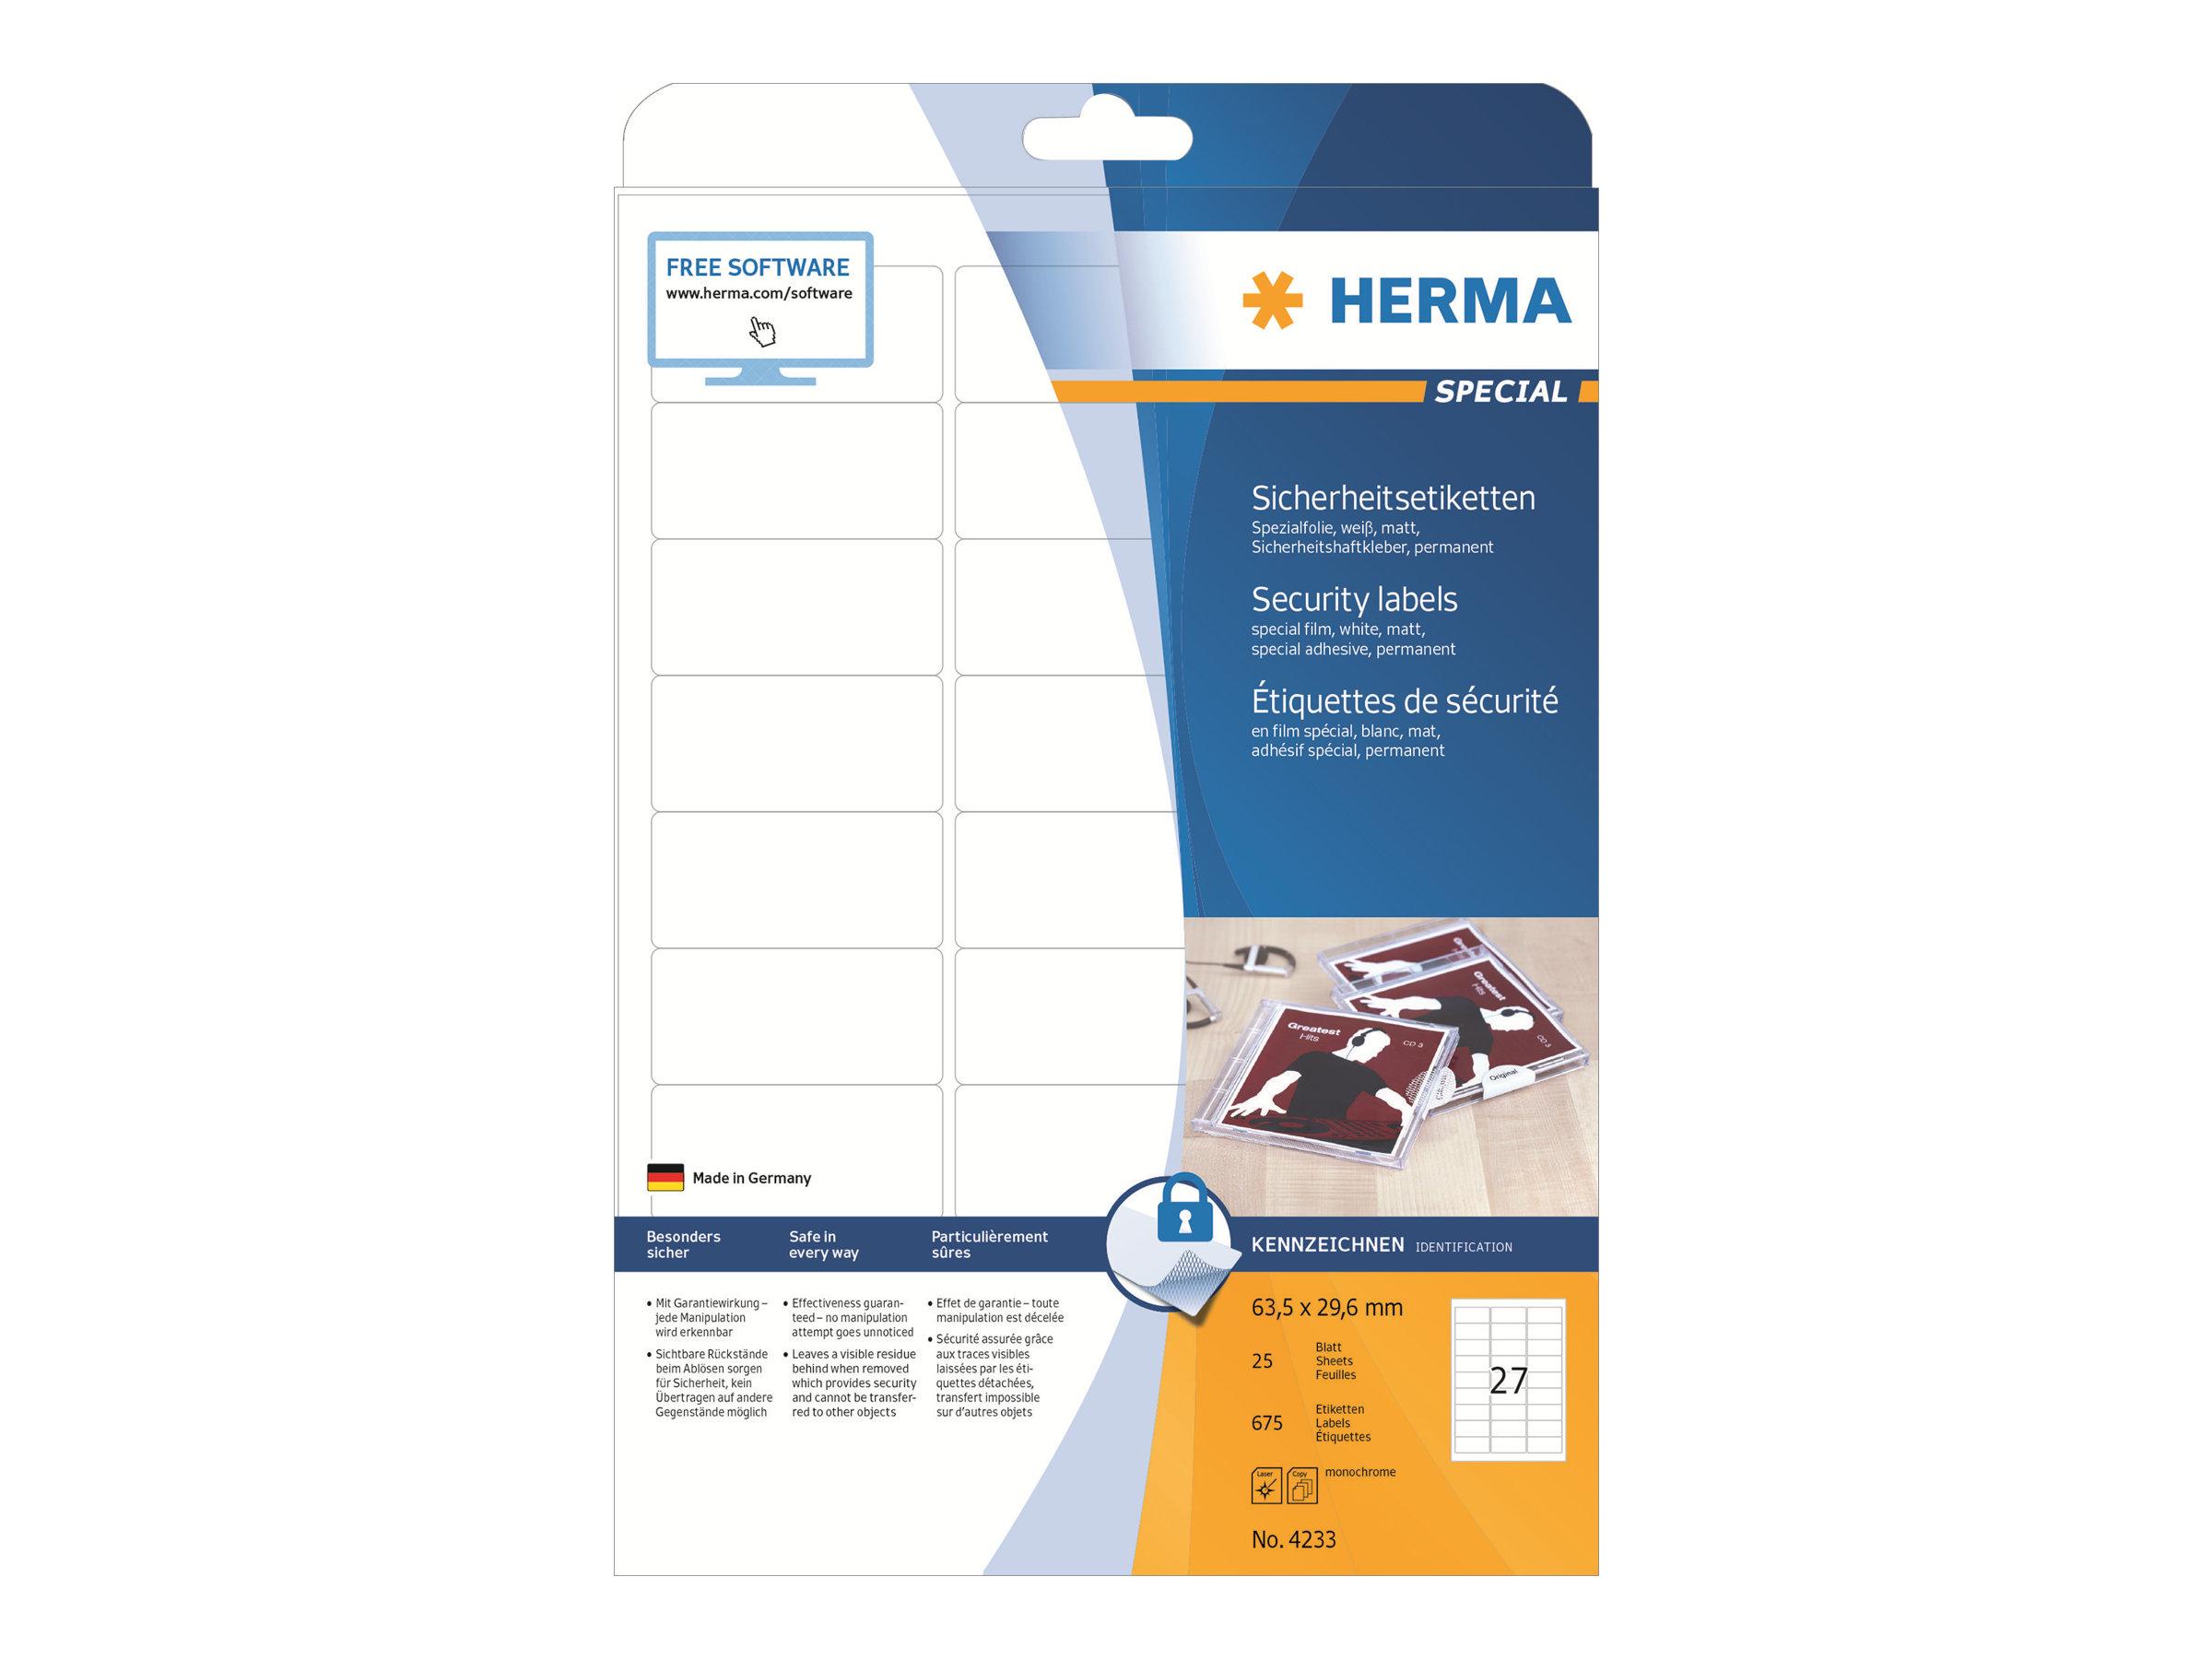 HERMA Special - Weiß - 63.5 x 29.6 mm 675 Etikett(en) (25 Bogen x 27) permanent selbstklebende, matte Etiketten aus Schutz-/Siegelfolie